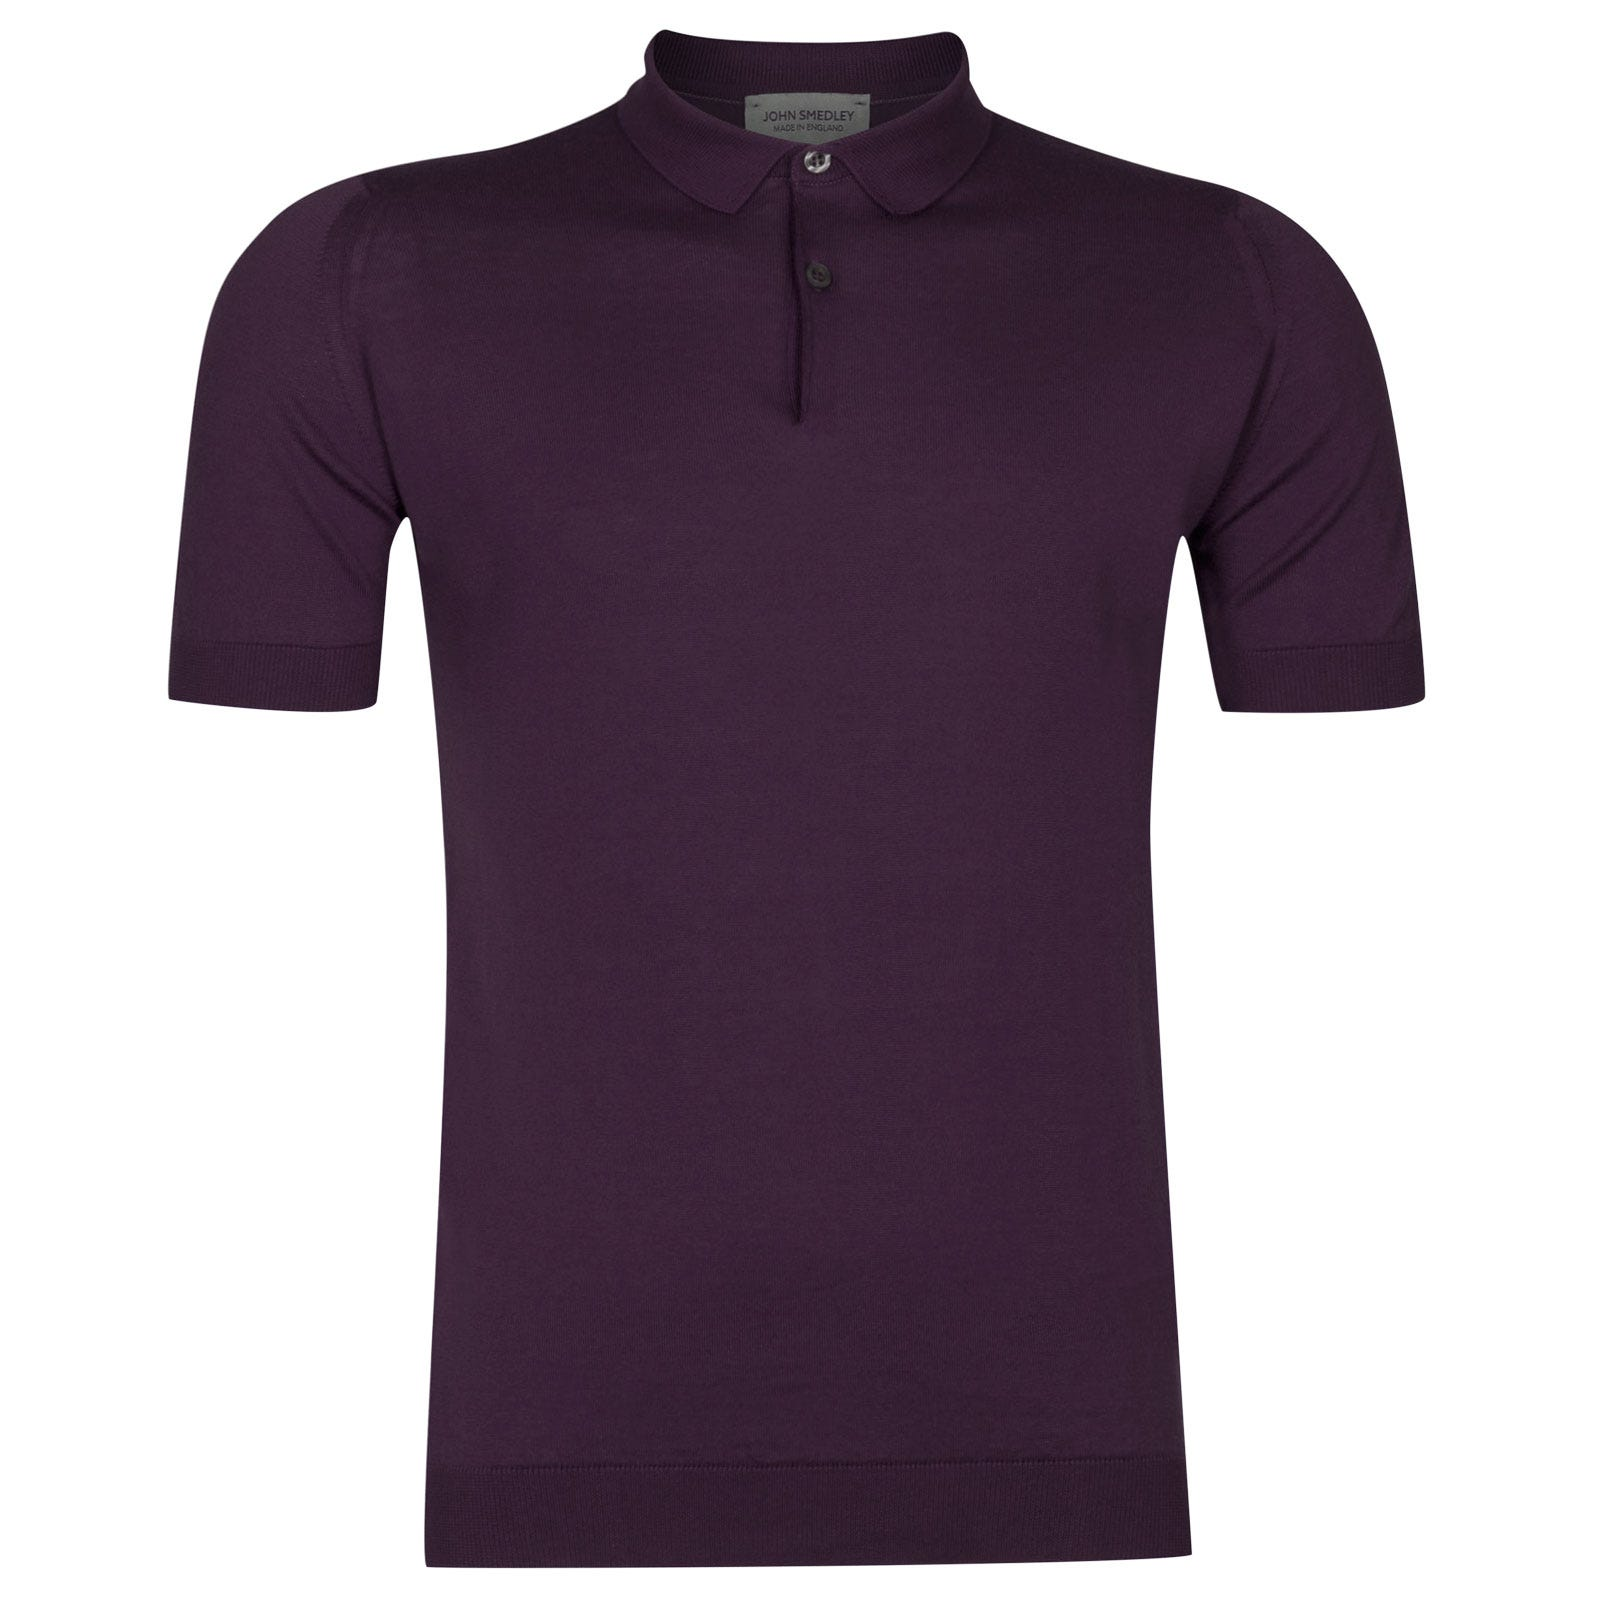 rhodes-bauhaus-purple-S